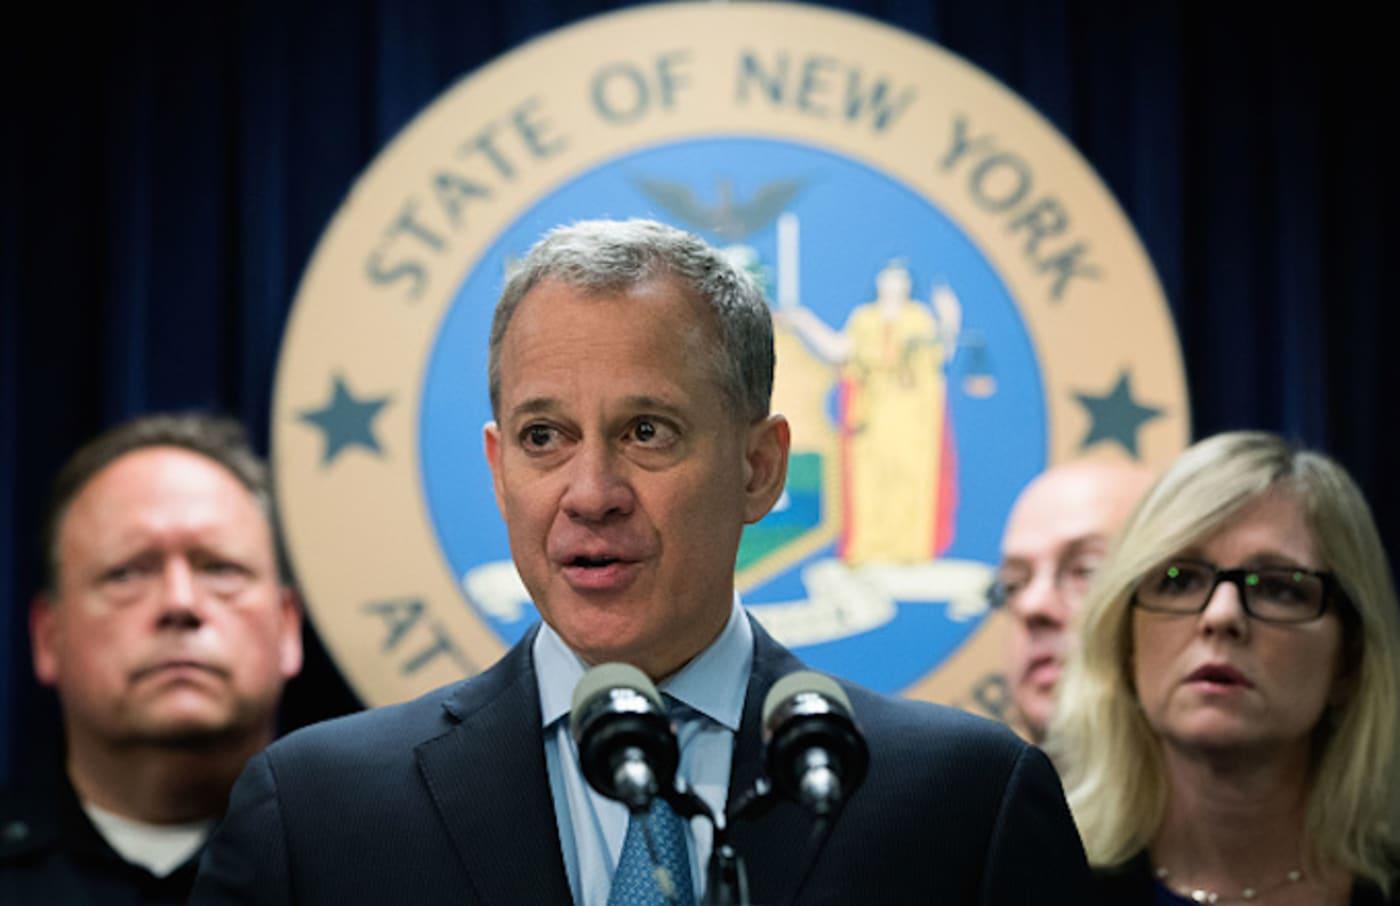 New York Attorney General Eric Schneiderman speaks